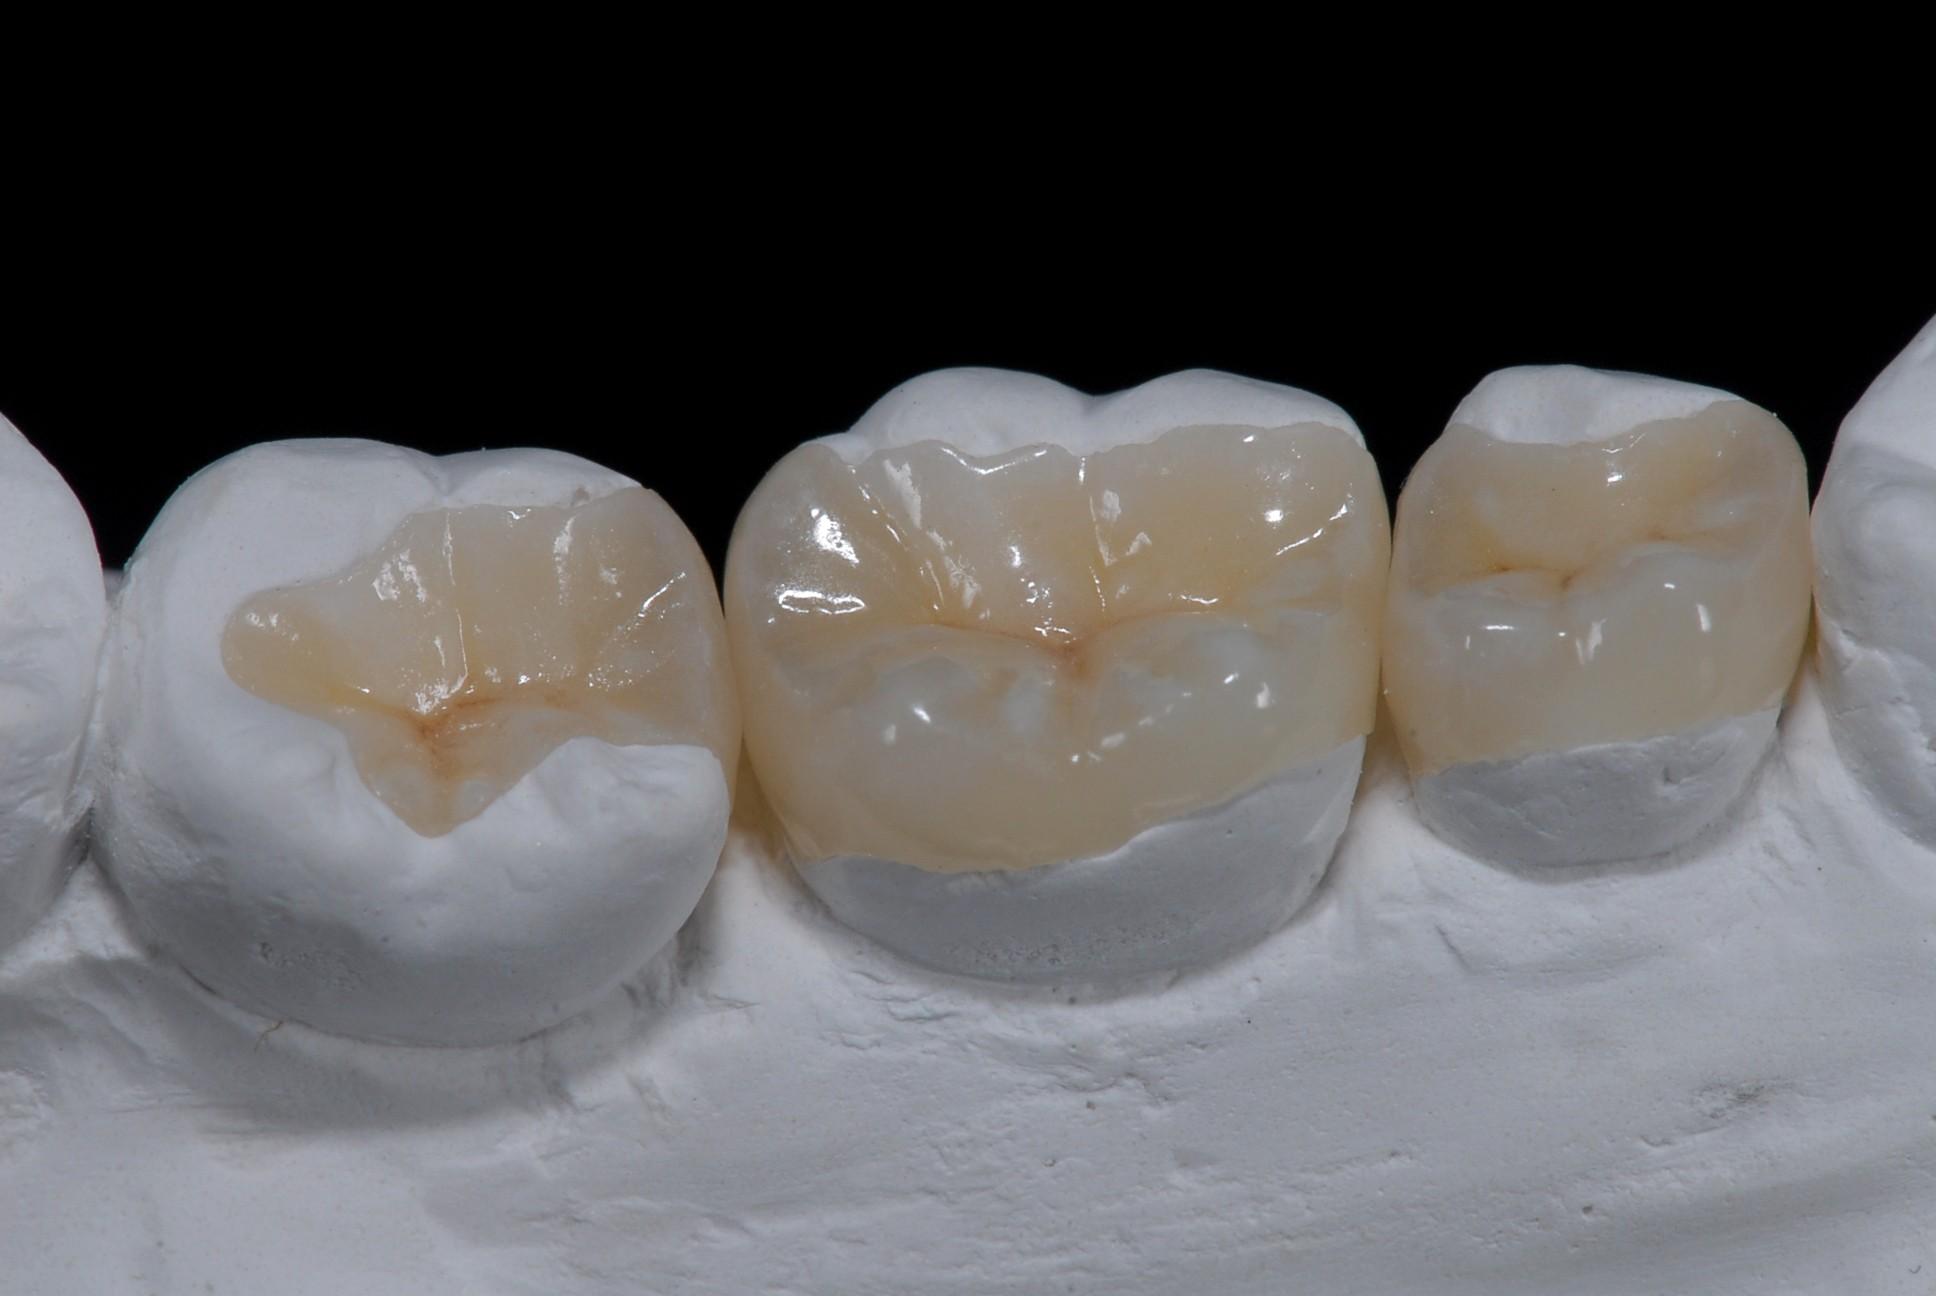 Prothèse dentaire : un choix légitime pour les patients ?